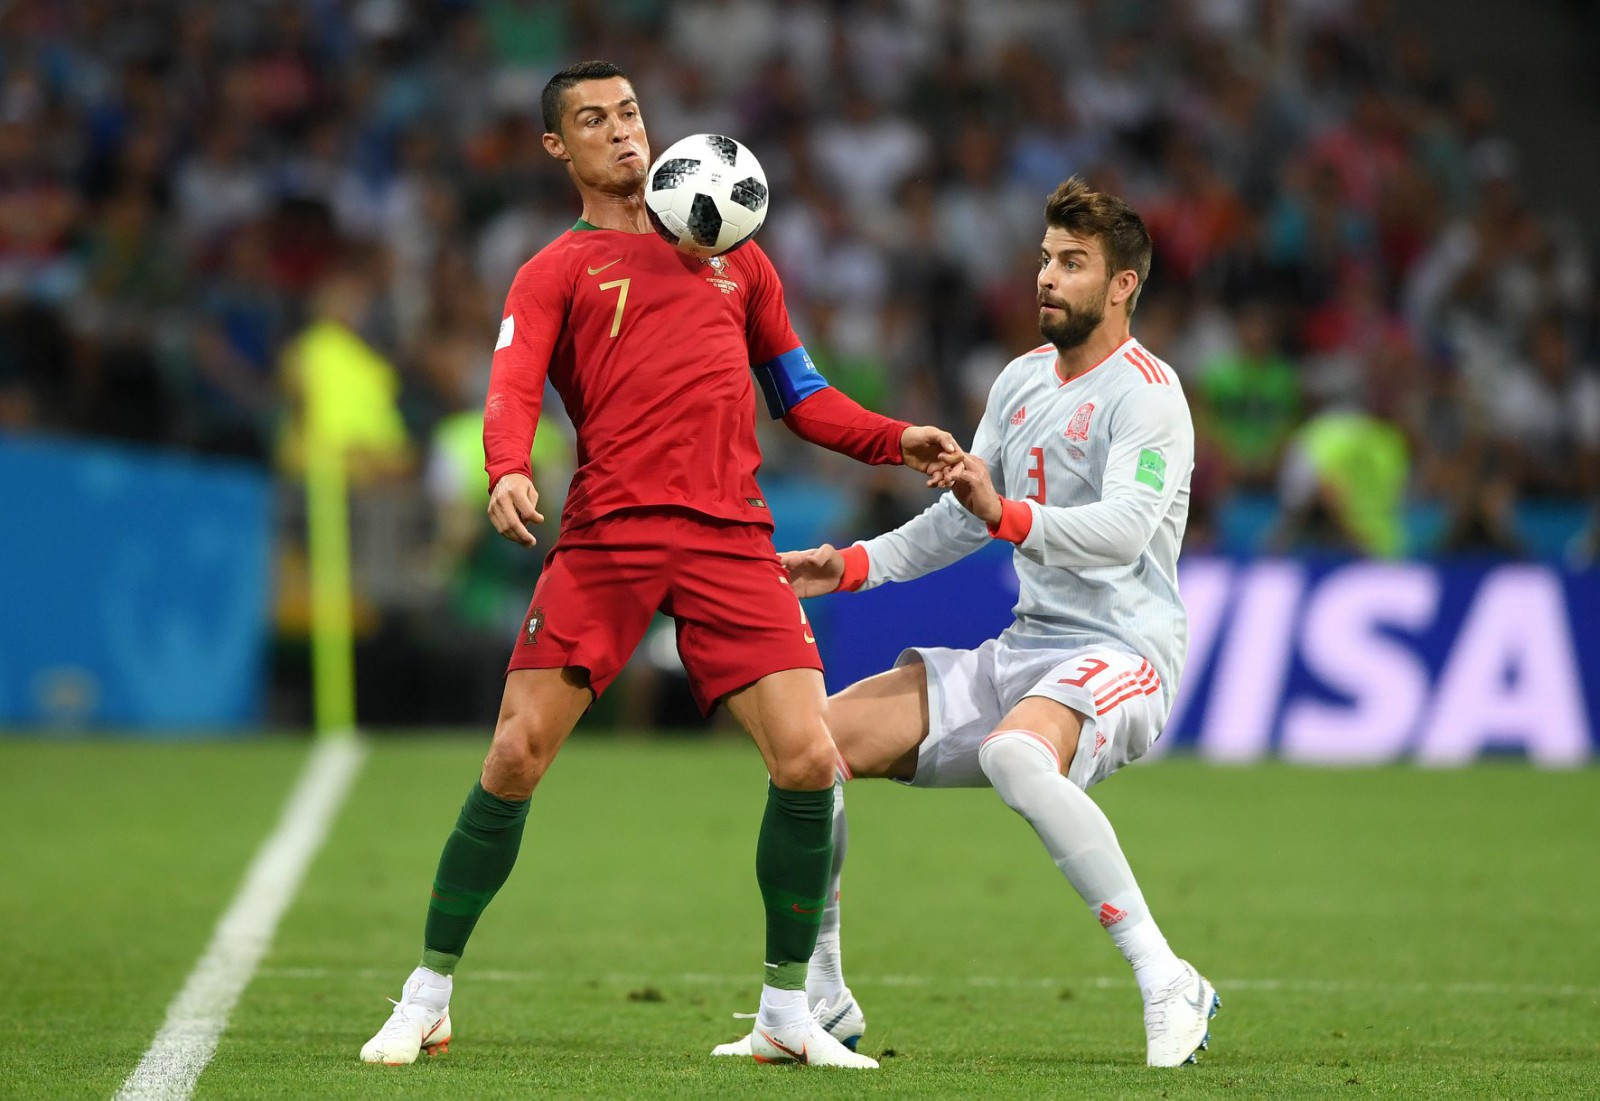 Portugalia 3-3 Spania: Cristiano Ronaldo a fost omul meciului, reușind primul hat-trick al actualei ediții a Campionatului Mondial